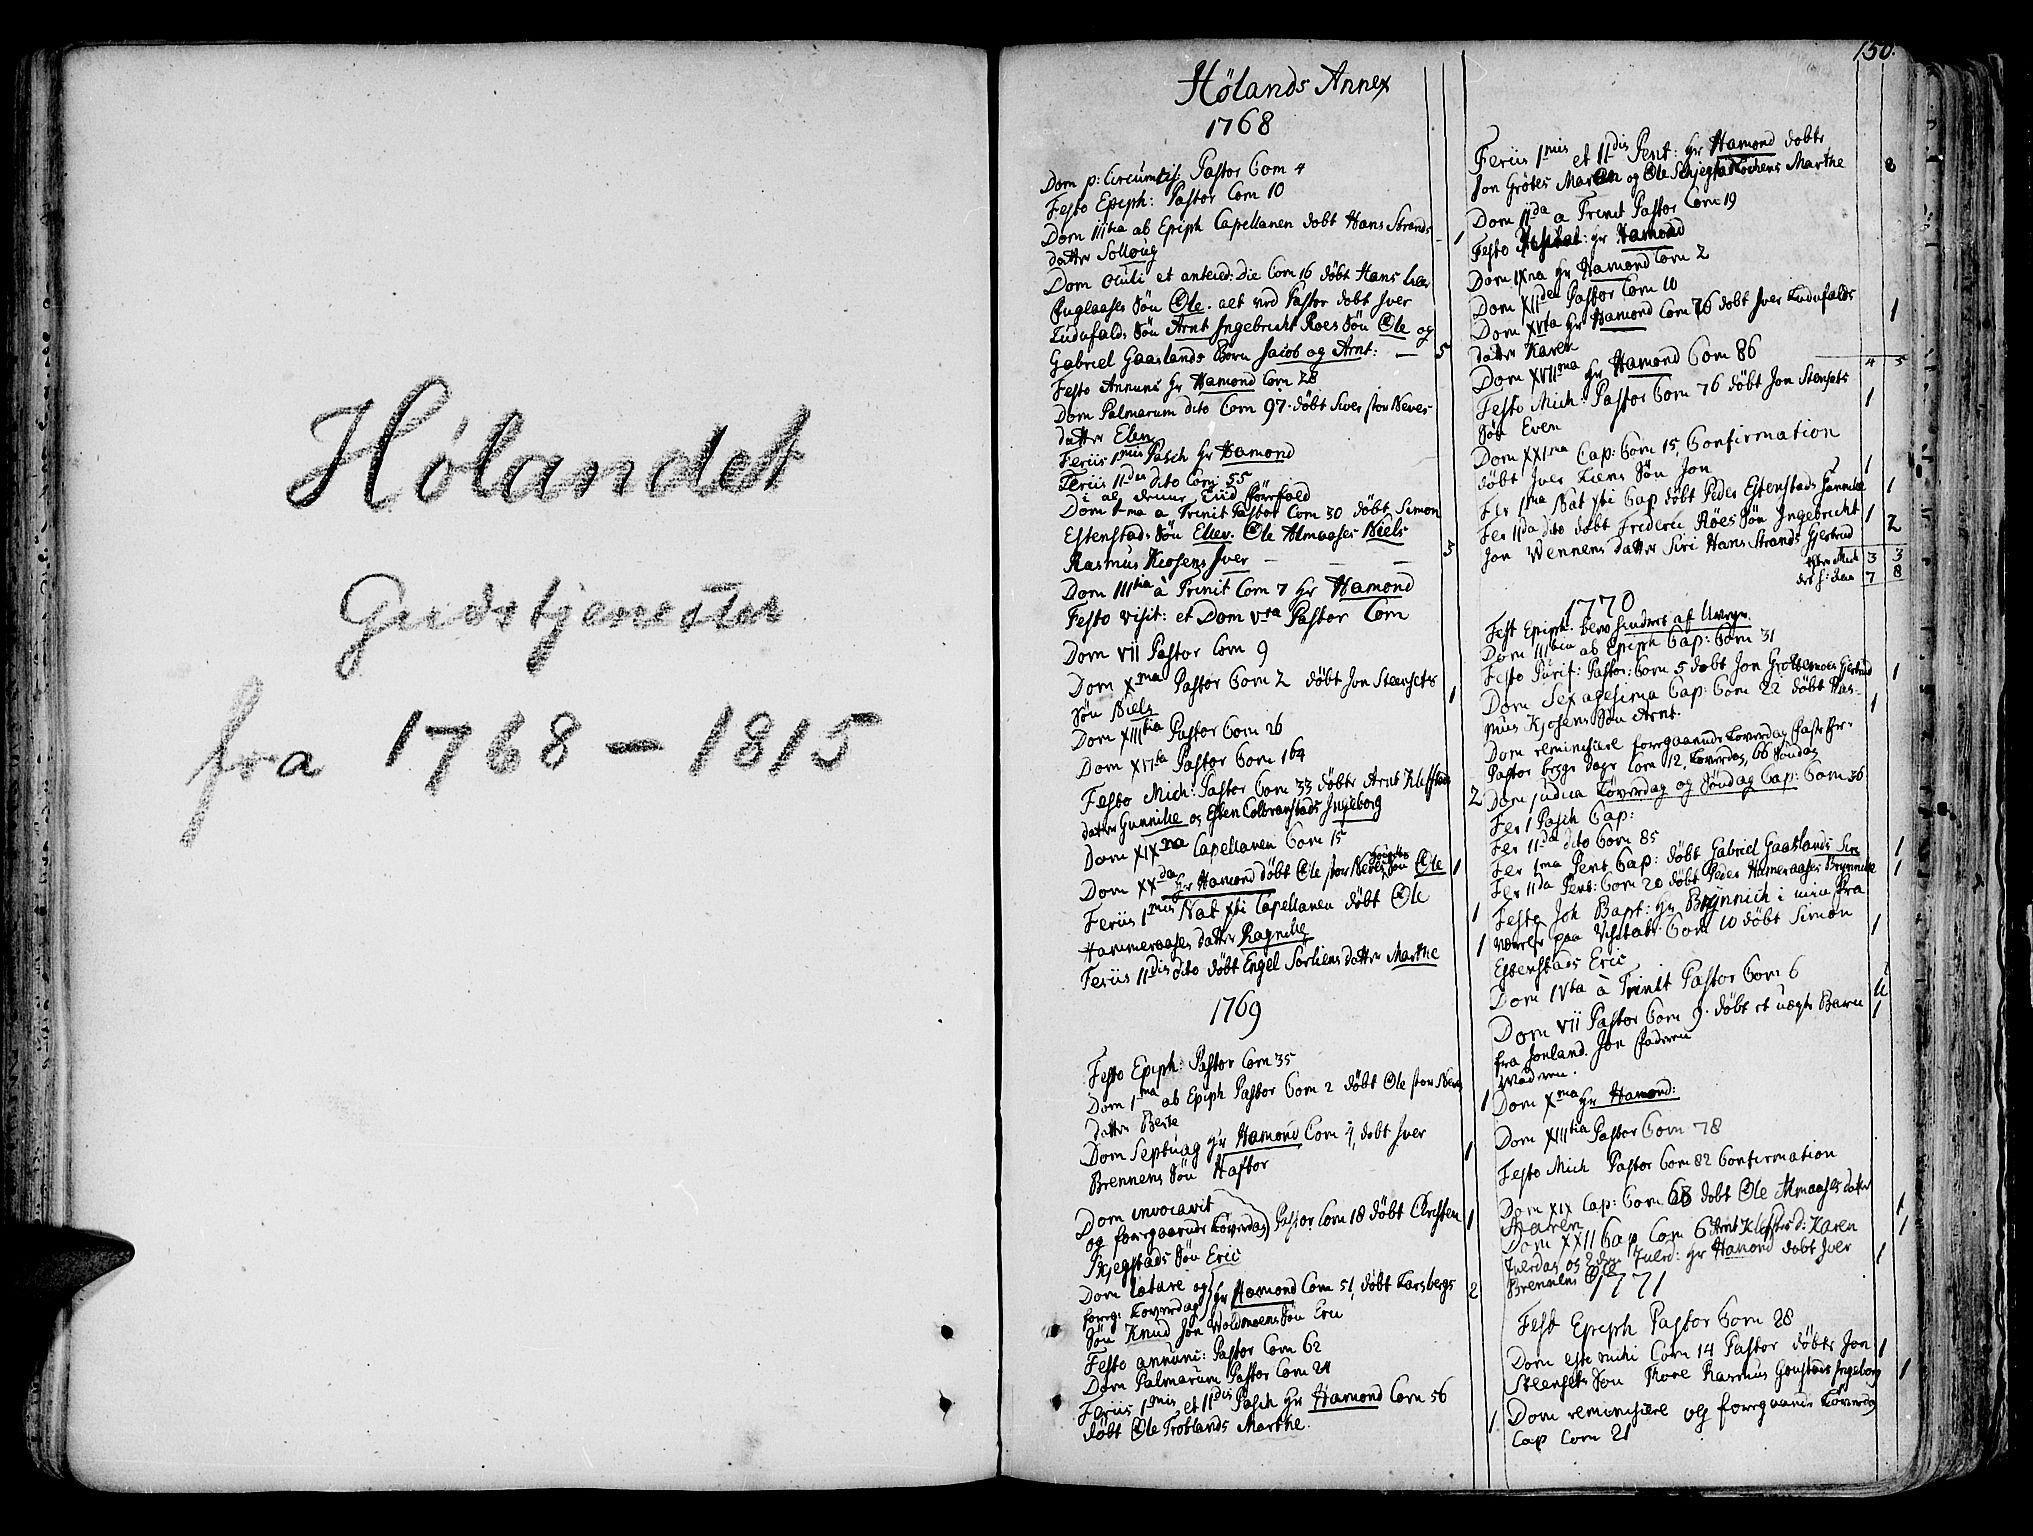 SAT, Ministerialprotokoller, klokkerbøker og fødselsregistre - Sør-Trøndelag, 691/L1064: Ministerialbok nr. 691A02 /4, 1768-1815, s. 150